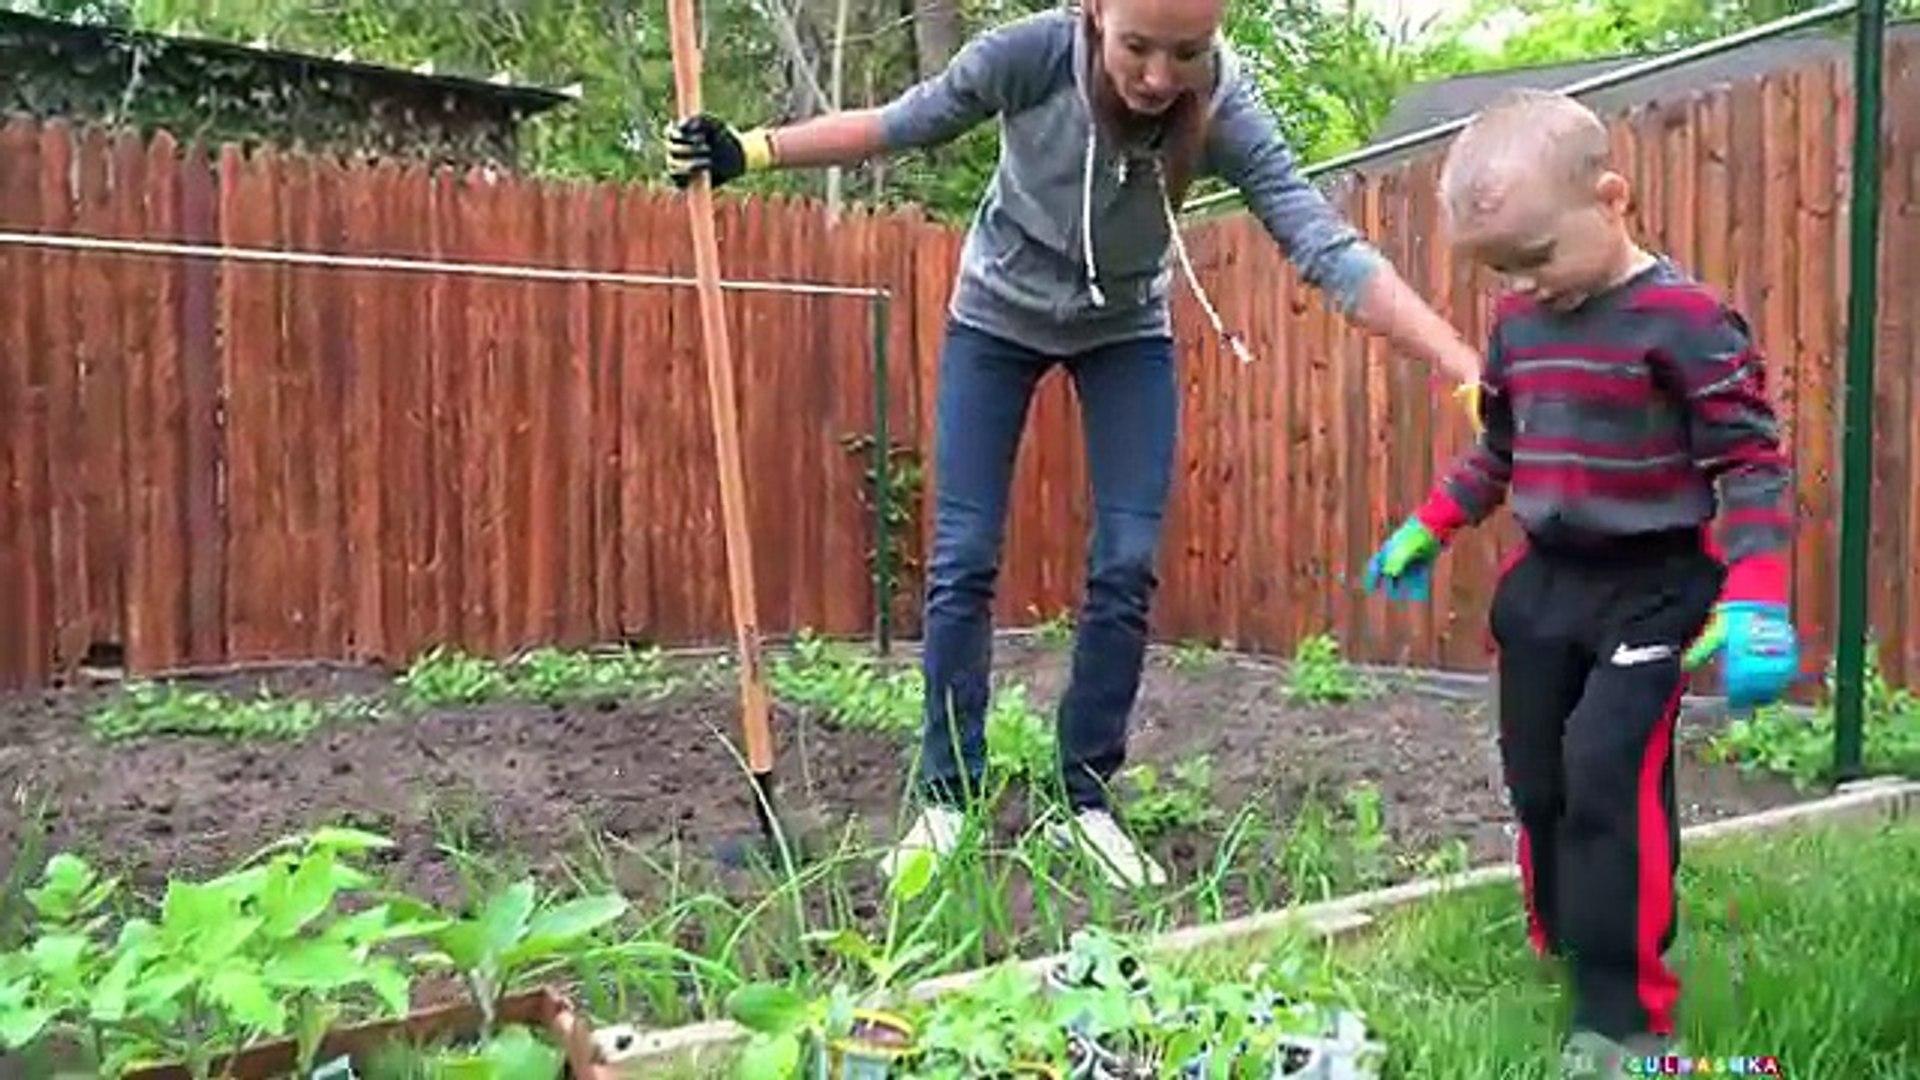 Максим Помогает и Работает на Огороде – Сажает Овощи и Поливает Водичкой Детское Видео Влог Гуляшка